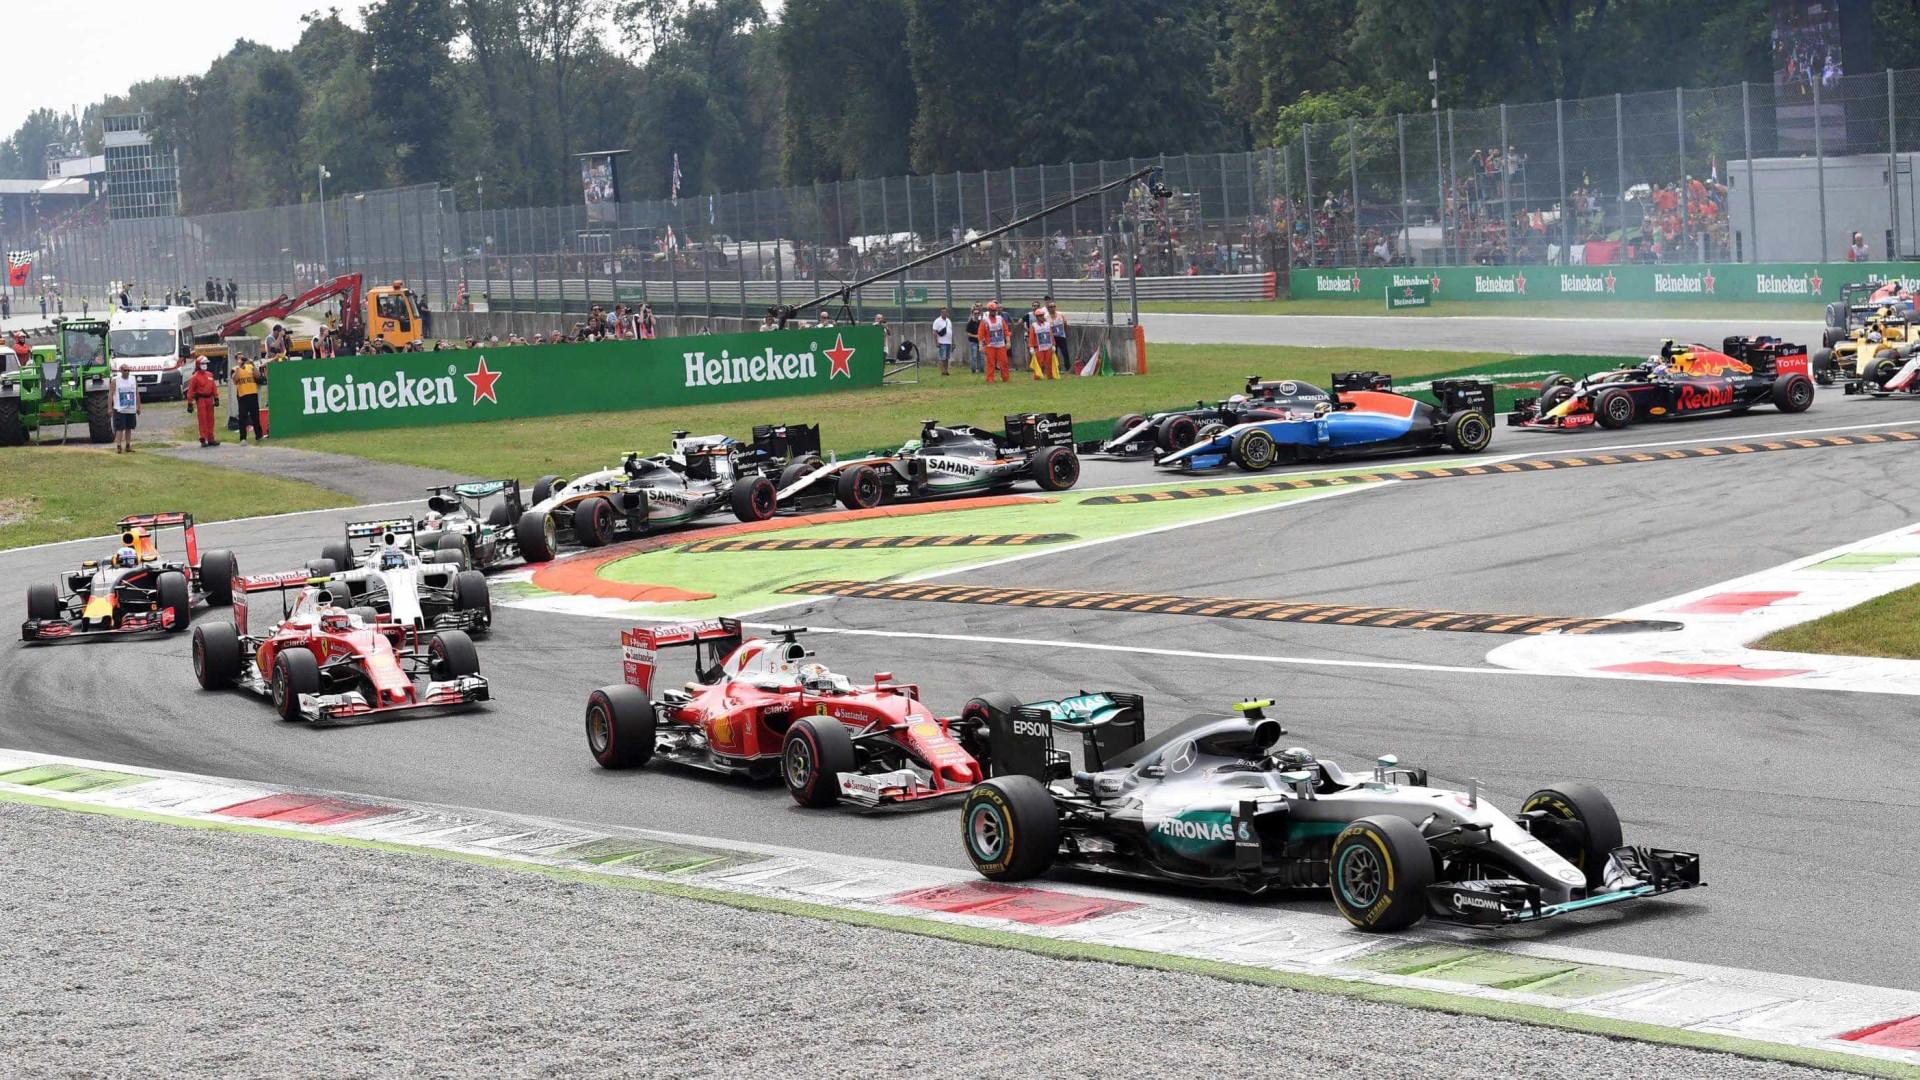 Grande Prémio de Itália mantém-se na Fórmula 1 por mais três anos